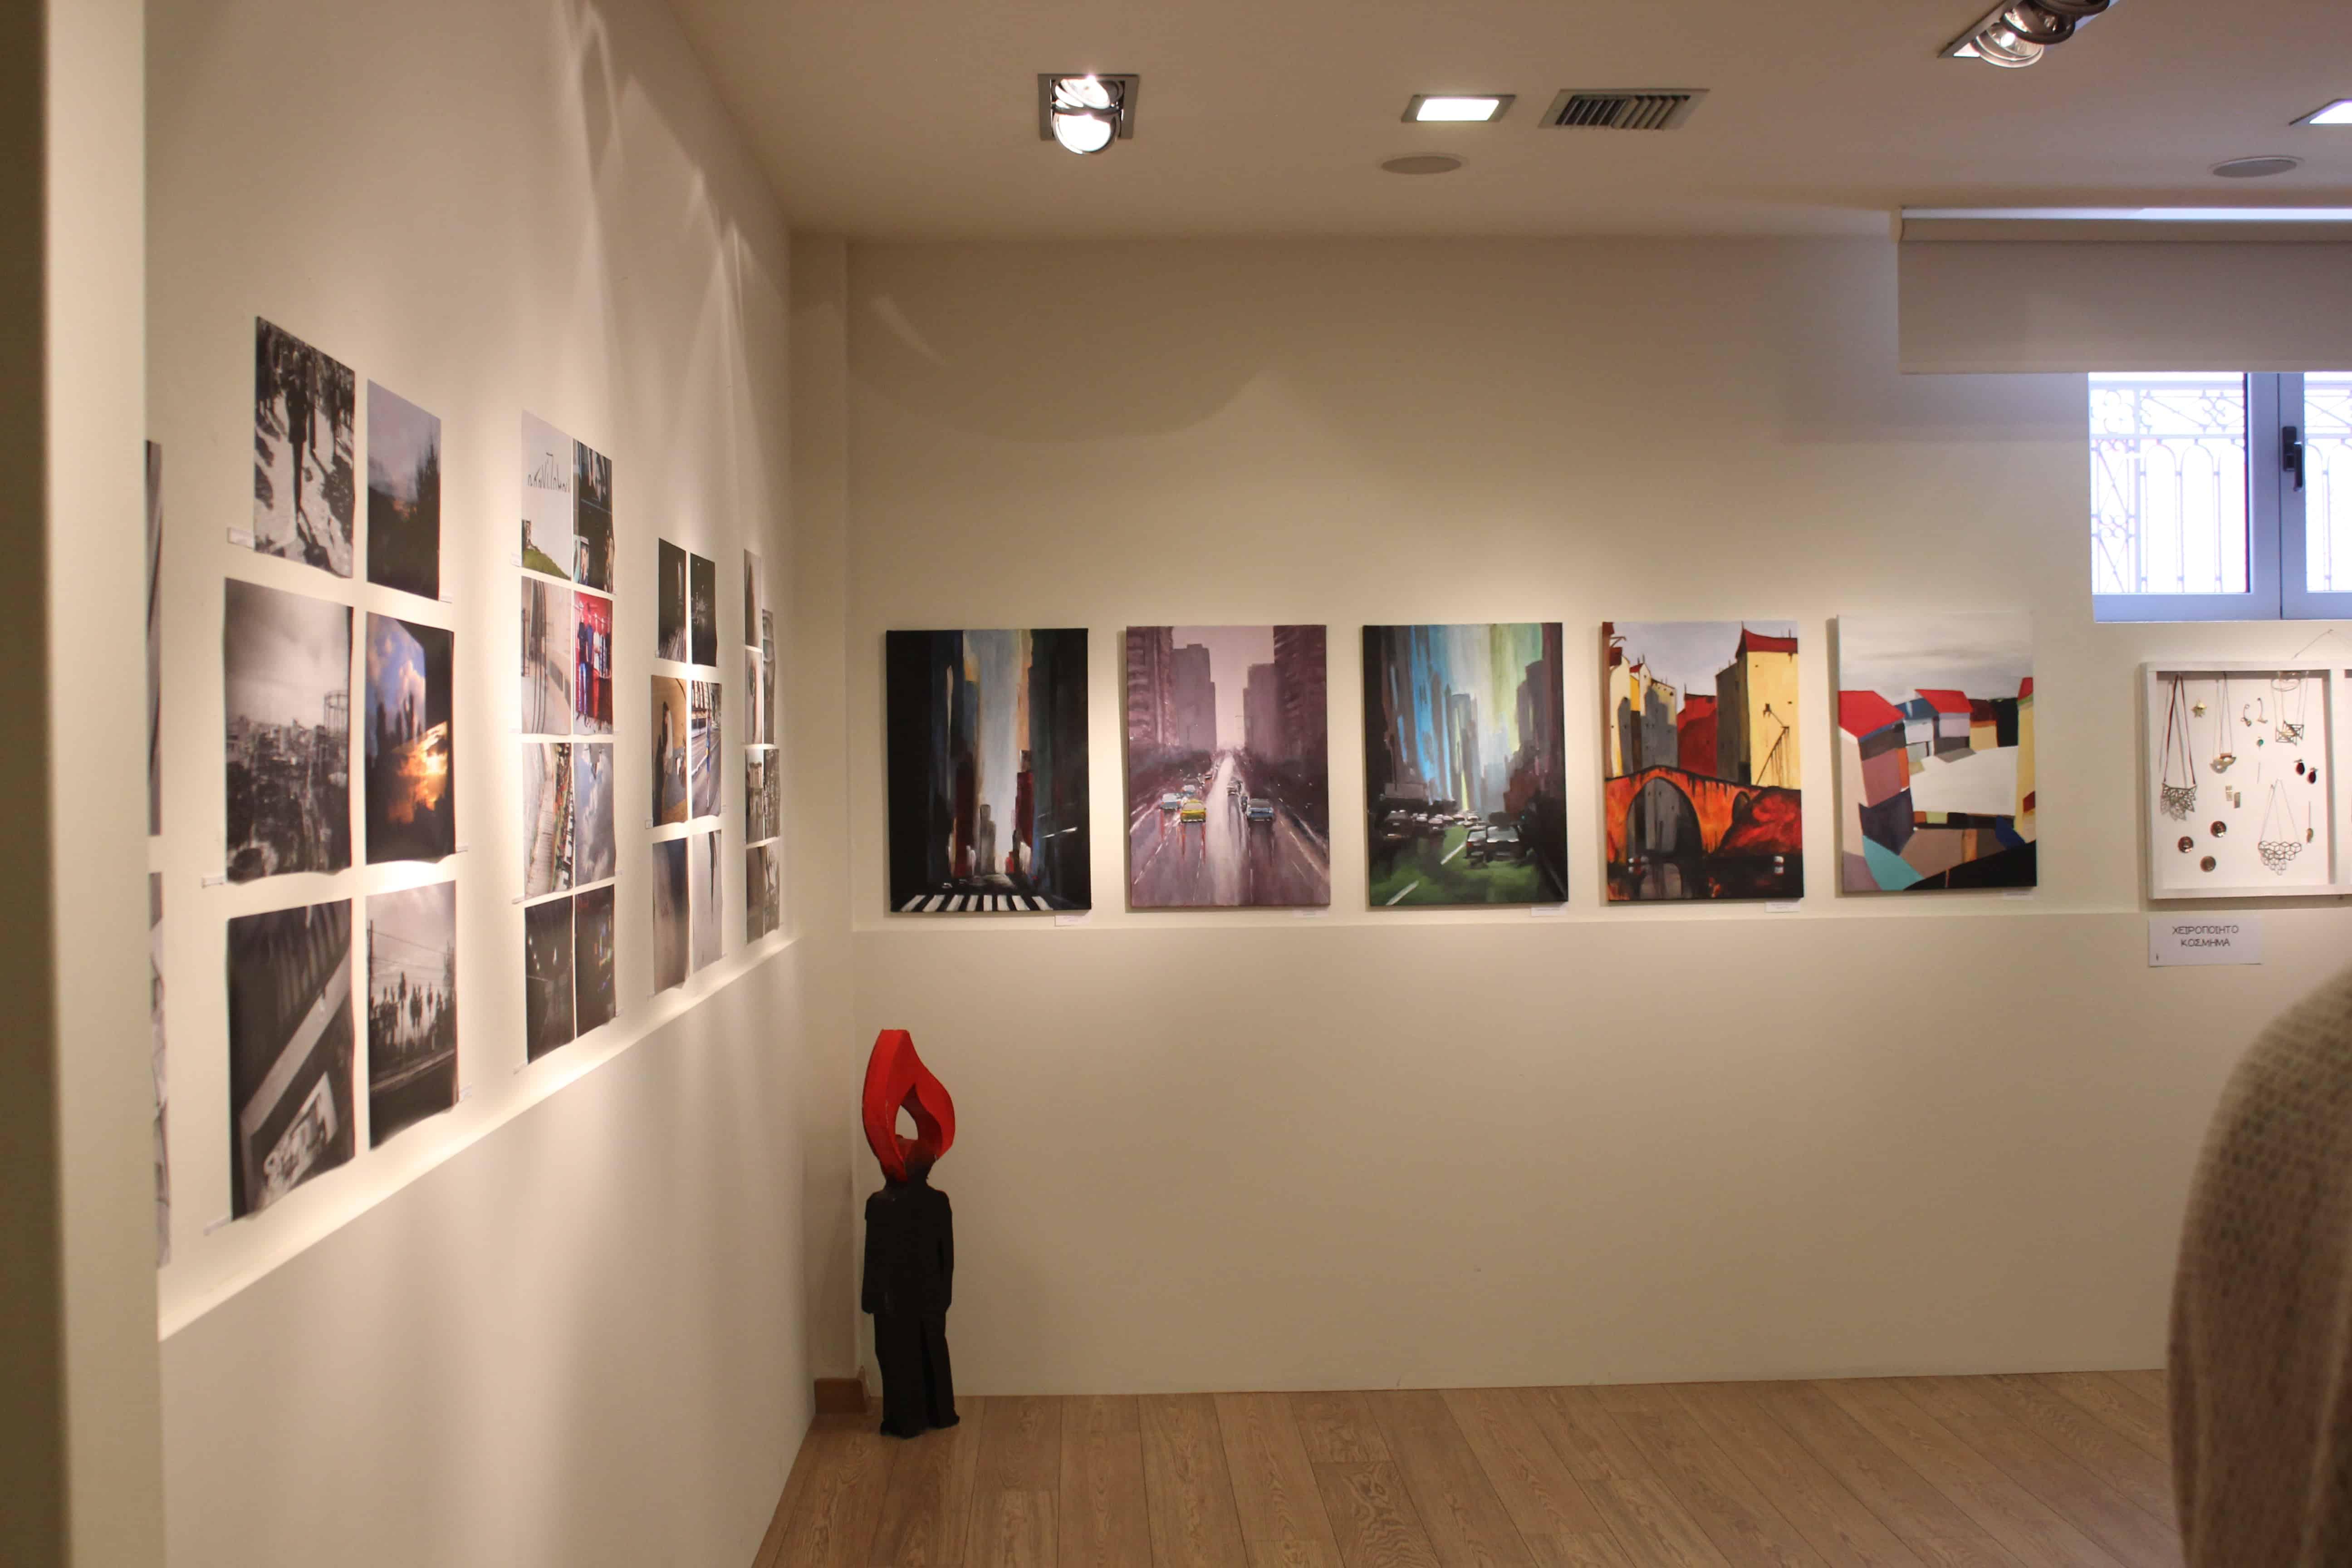 Το Σπίρτο: Καλλιτεχνικό εργαστήρι για μουσική, εικαστικά και μοντέρνες τέχνες 10